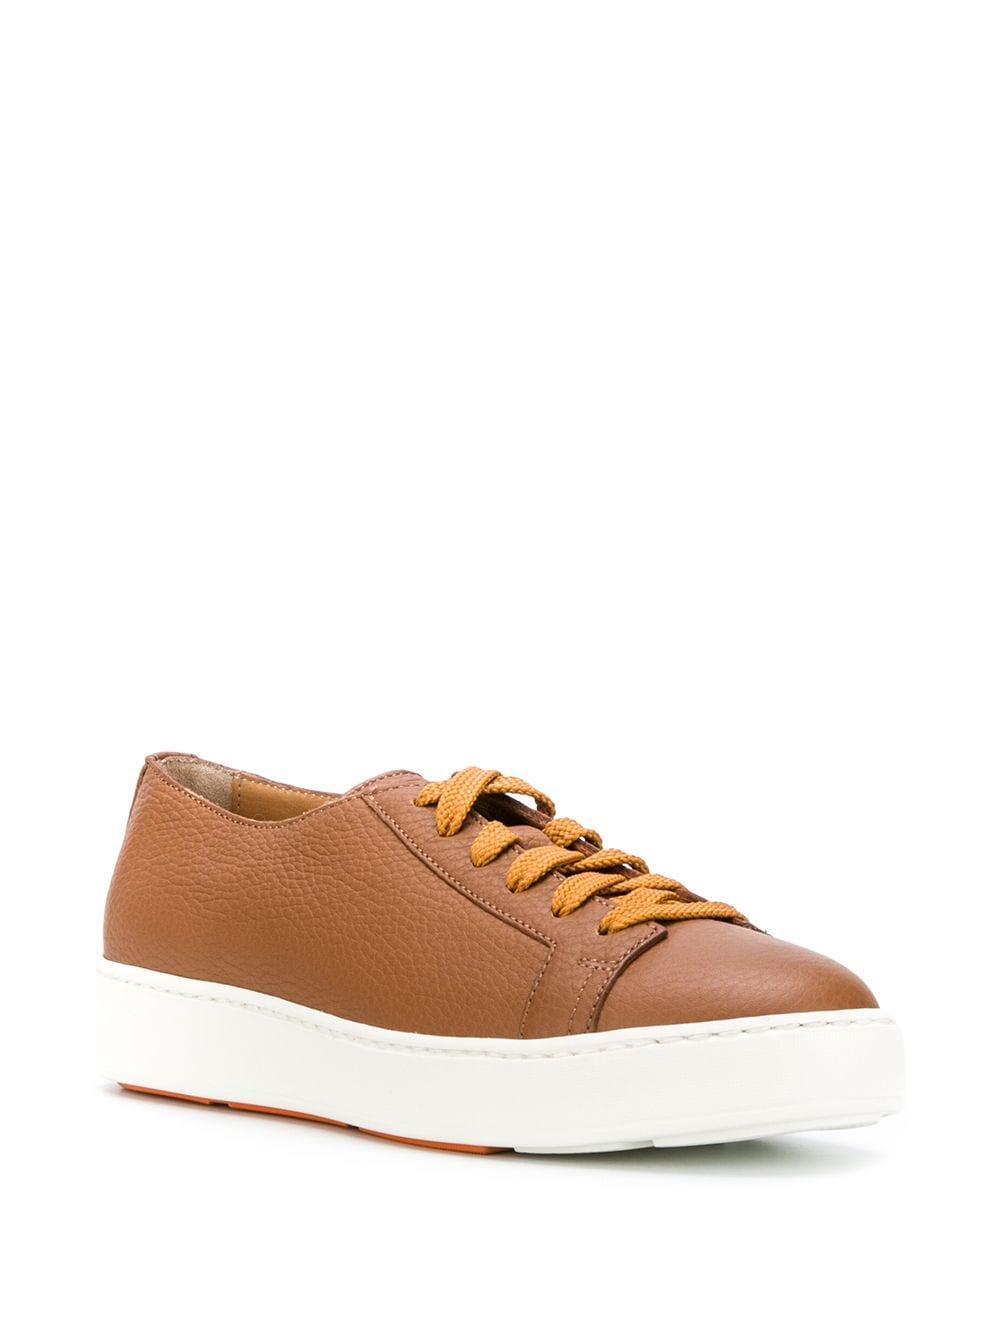 Zapatillas bajas con logo Santoni de Cuero de color Marrón